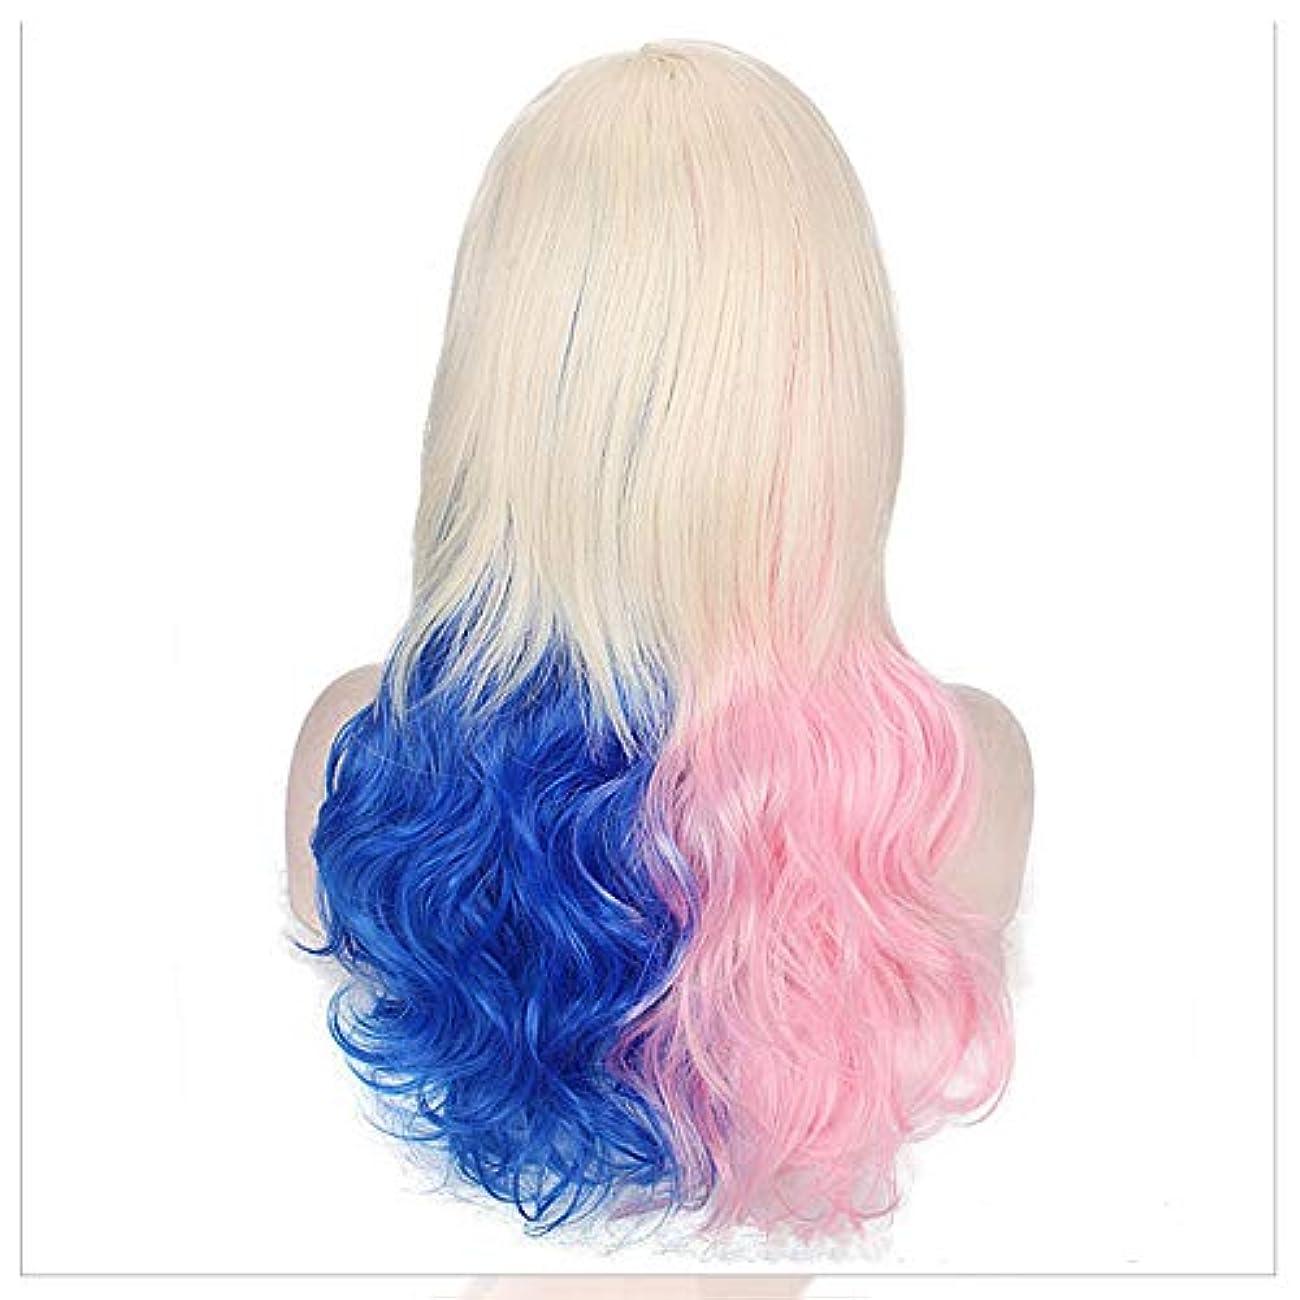 支配する予見する任命する偽の髪のスライス、髪の接続、ヘアピンの巻いた髪、マットな髪のかつら、成長した髪を接ぎ木して、傷がないです